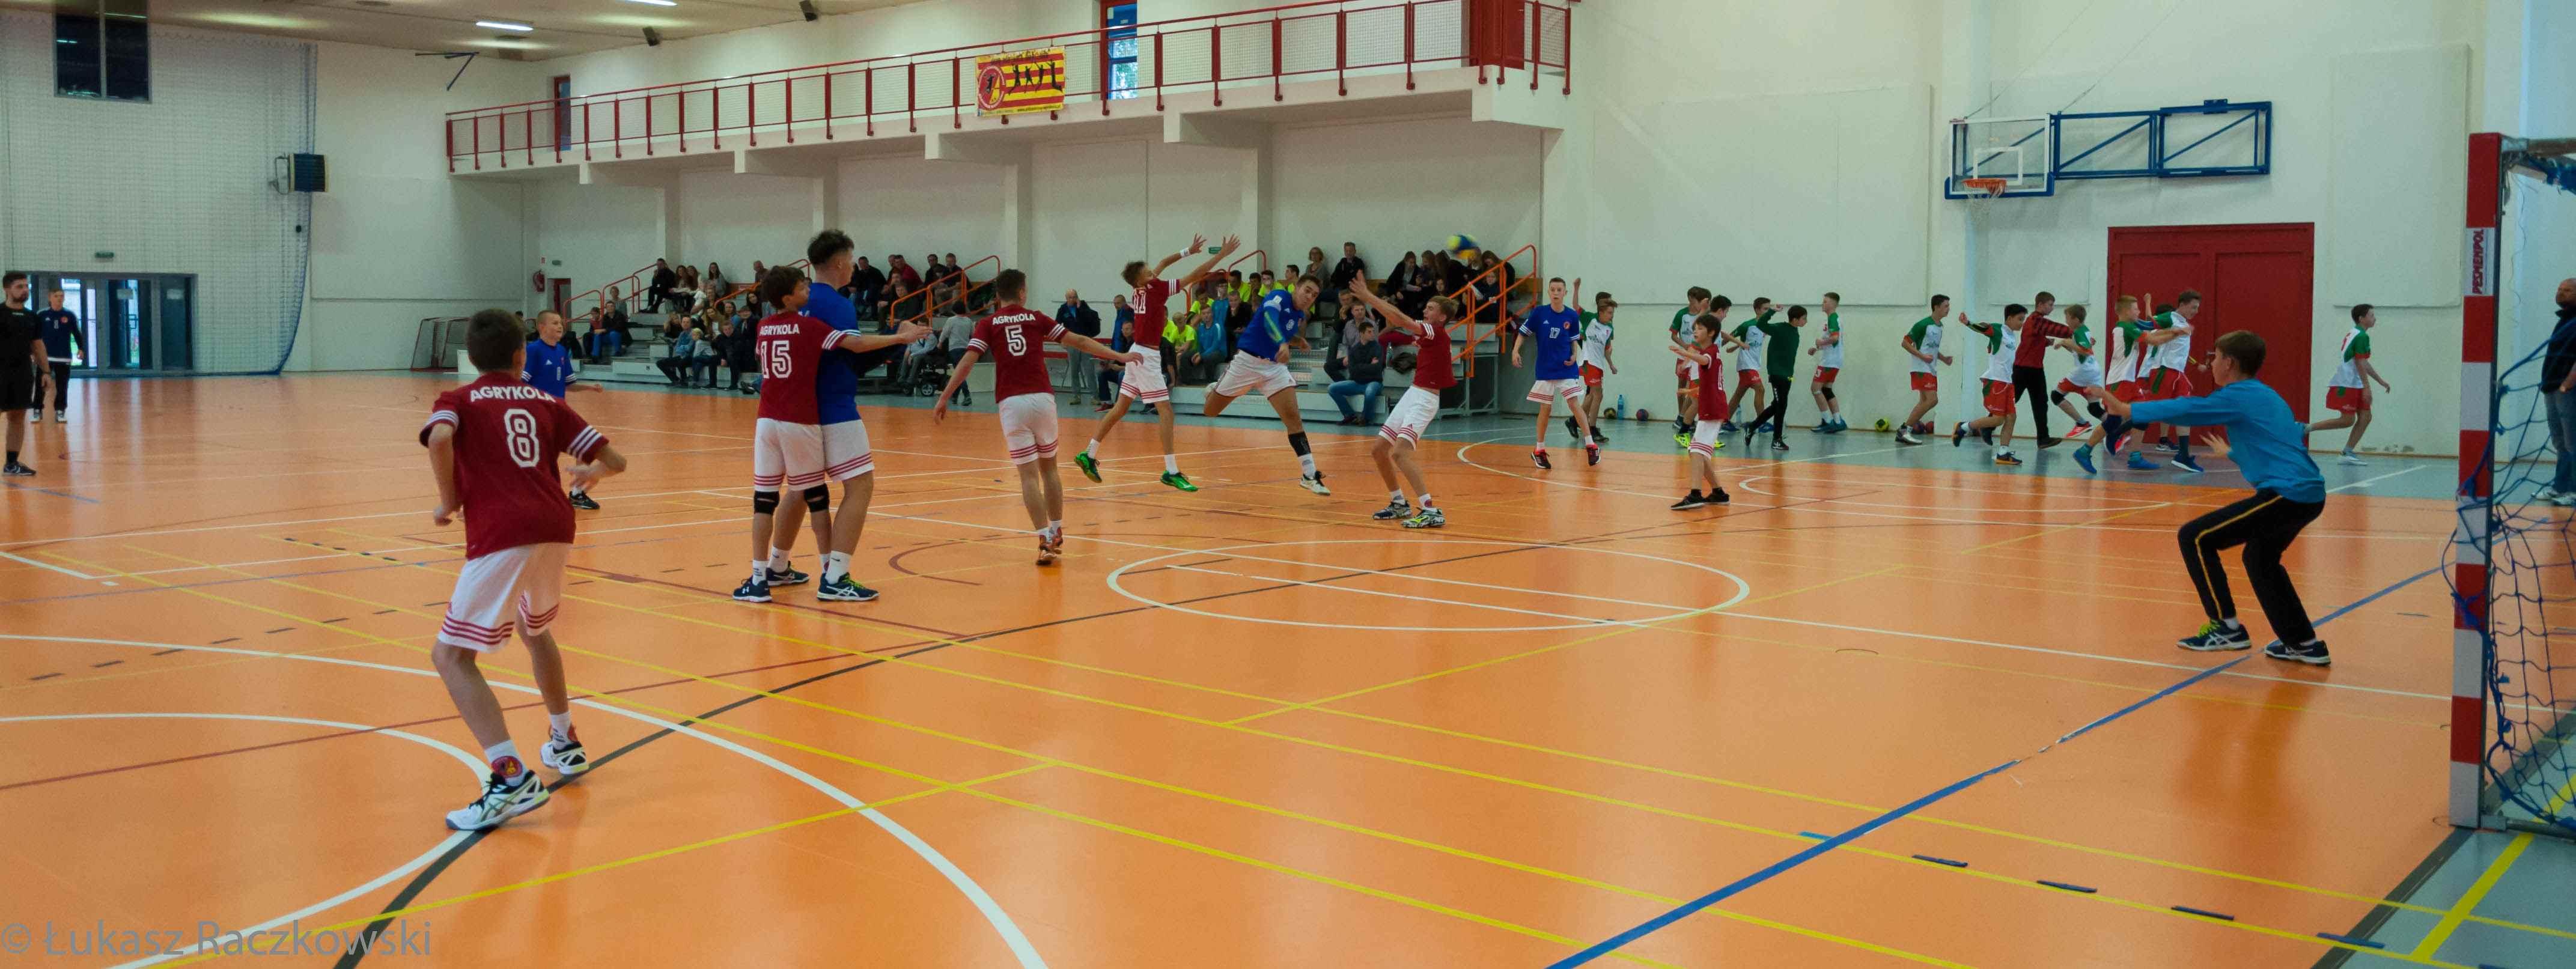 klub piłki ręcznej dla dzieci w warszawie 07